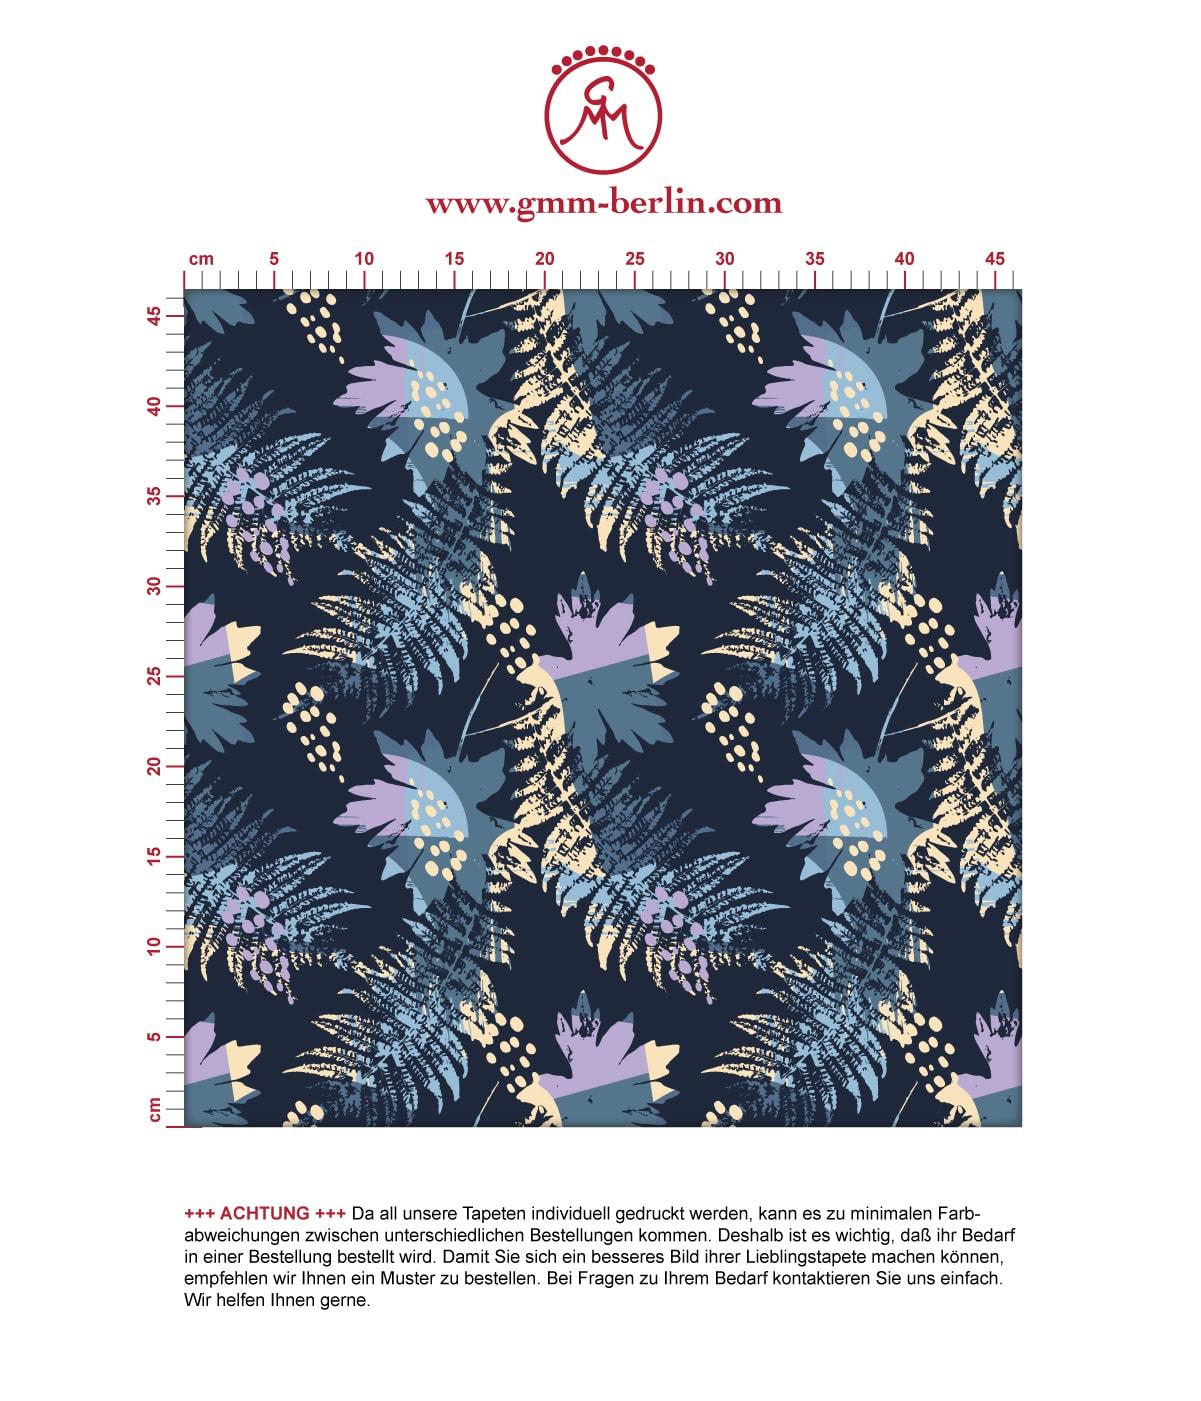 Dunkelblaue Blumentapete Wildflowers im Retro Look, florale Tapete als Wandgestaltung. Aus dem GMM-BERLIN.com Sortiment: Schöne Tapeten in der Farbe: dunkel blau